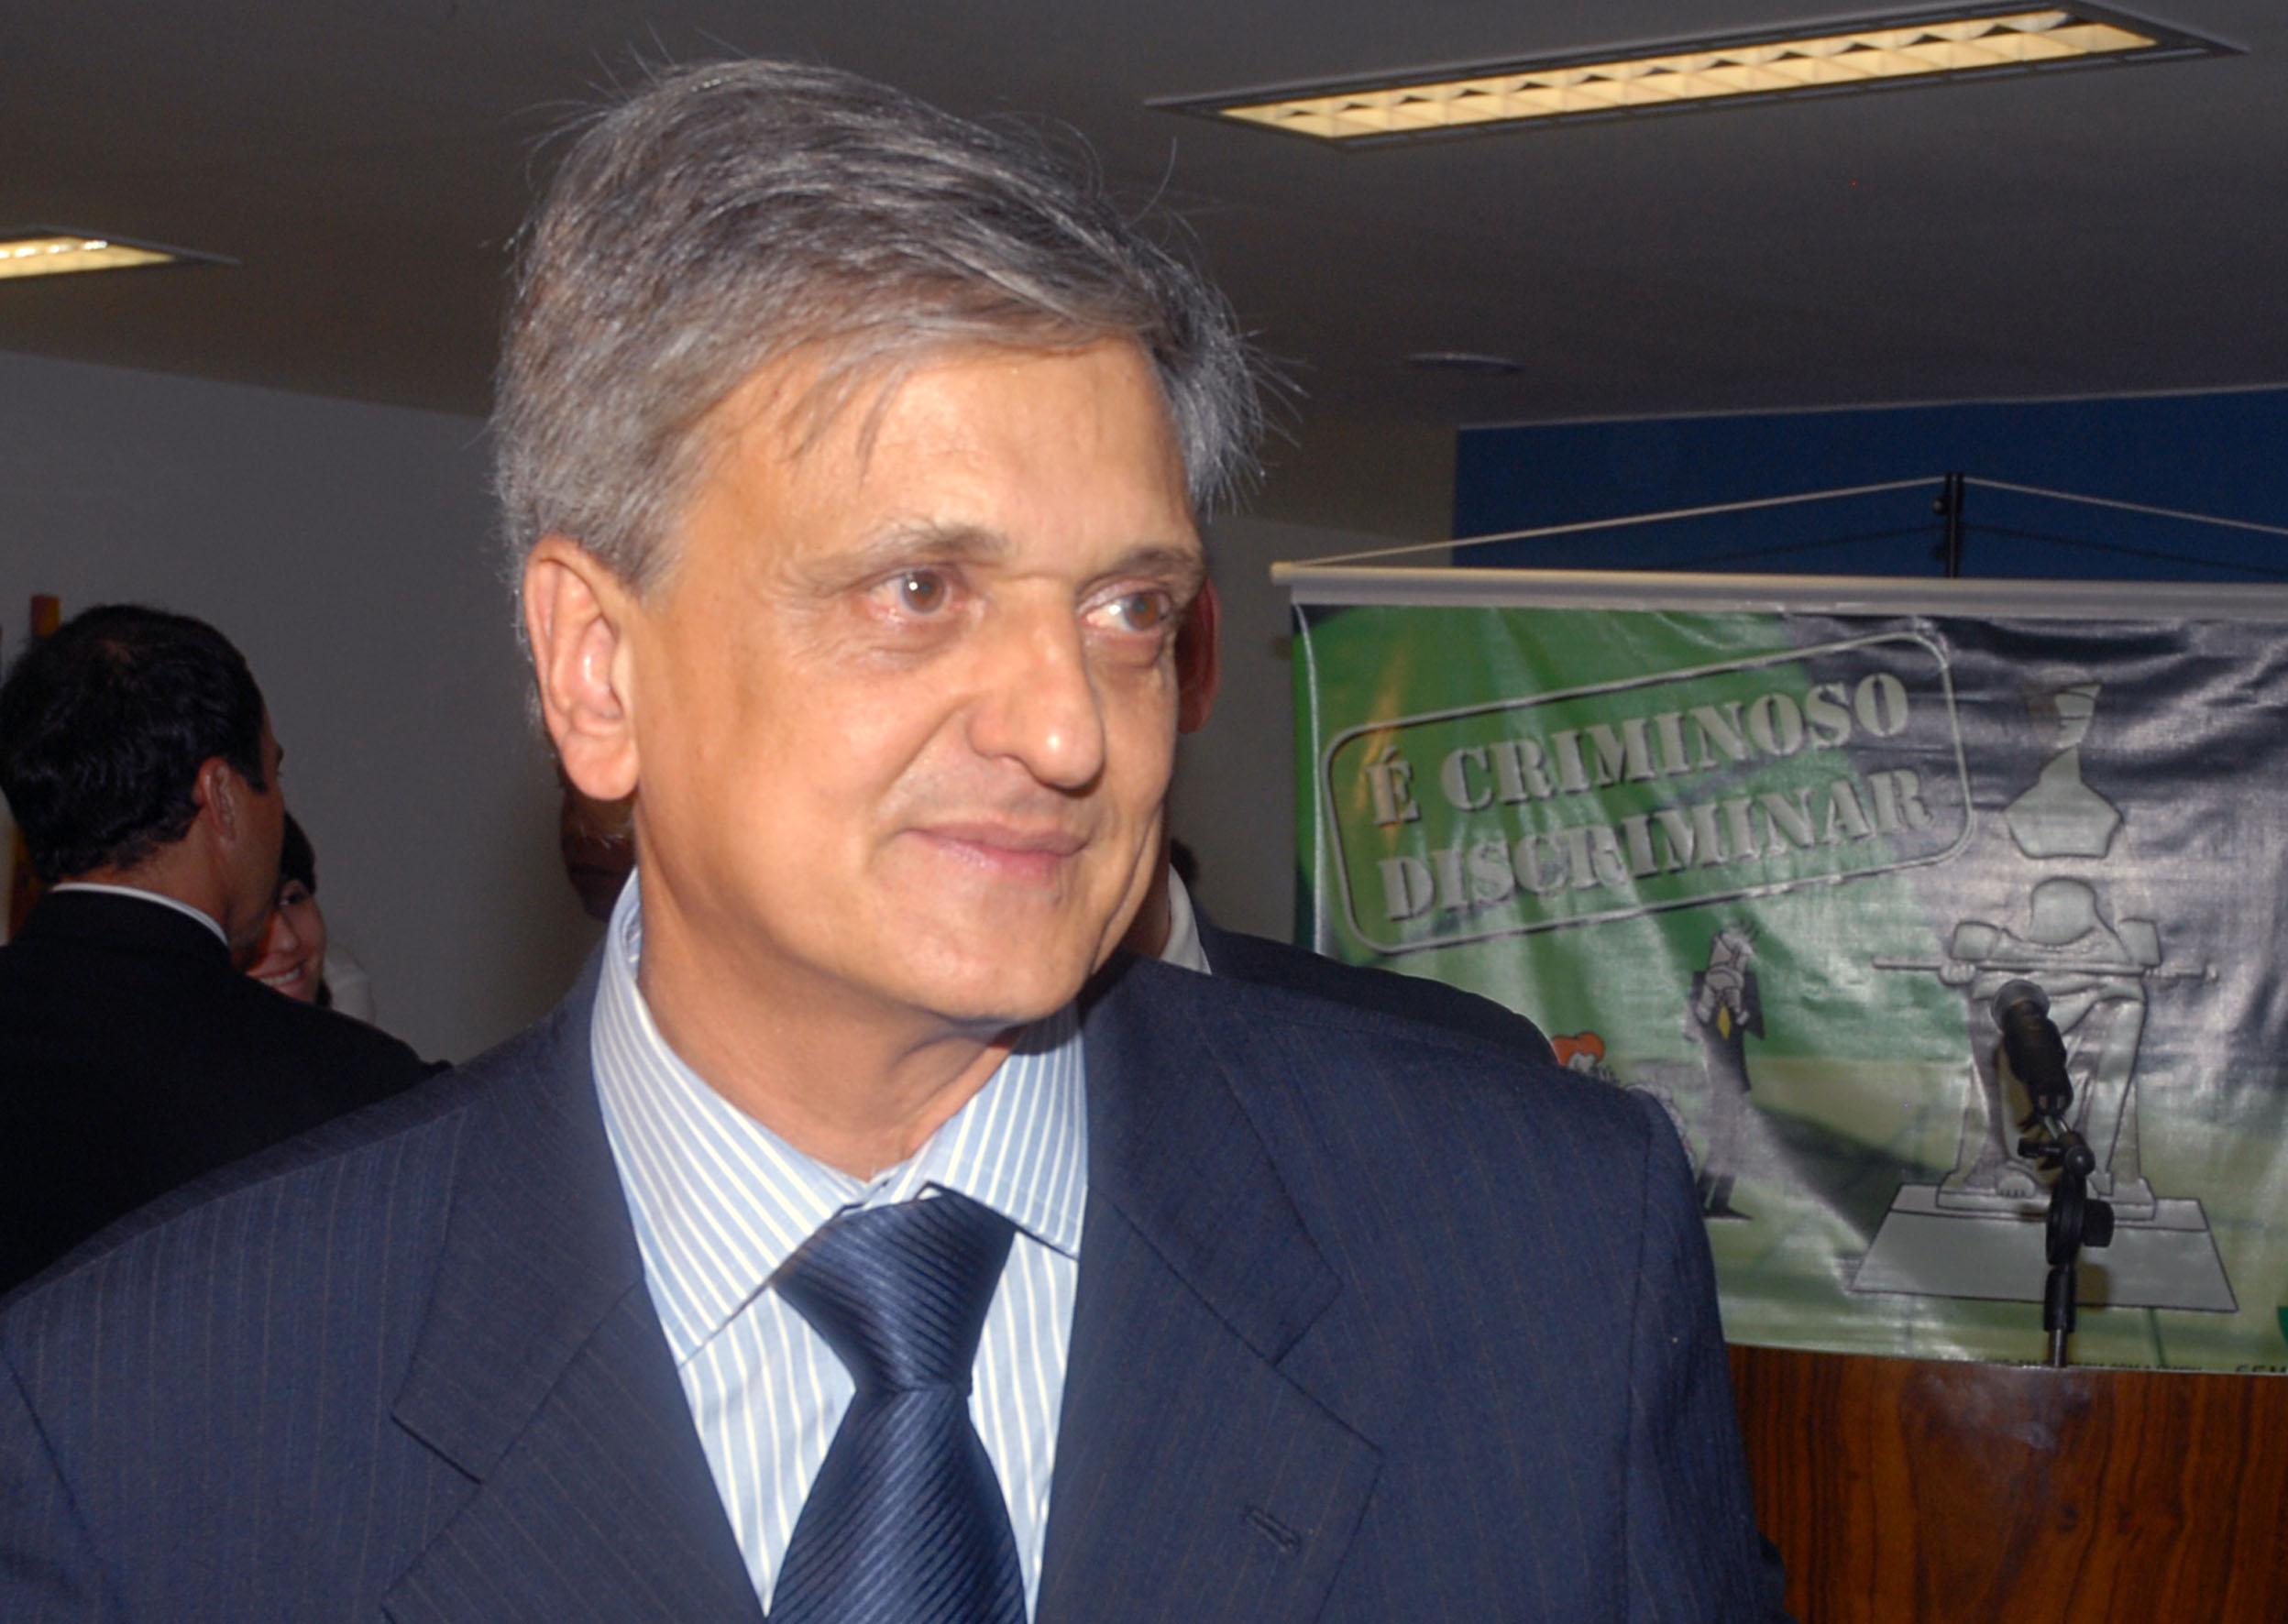 Veja o que saiu no Migalhas sobre Antonio Fernando de Souza